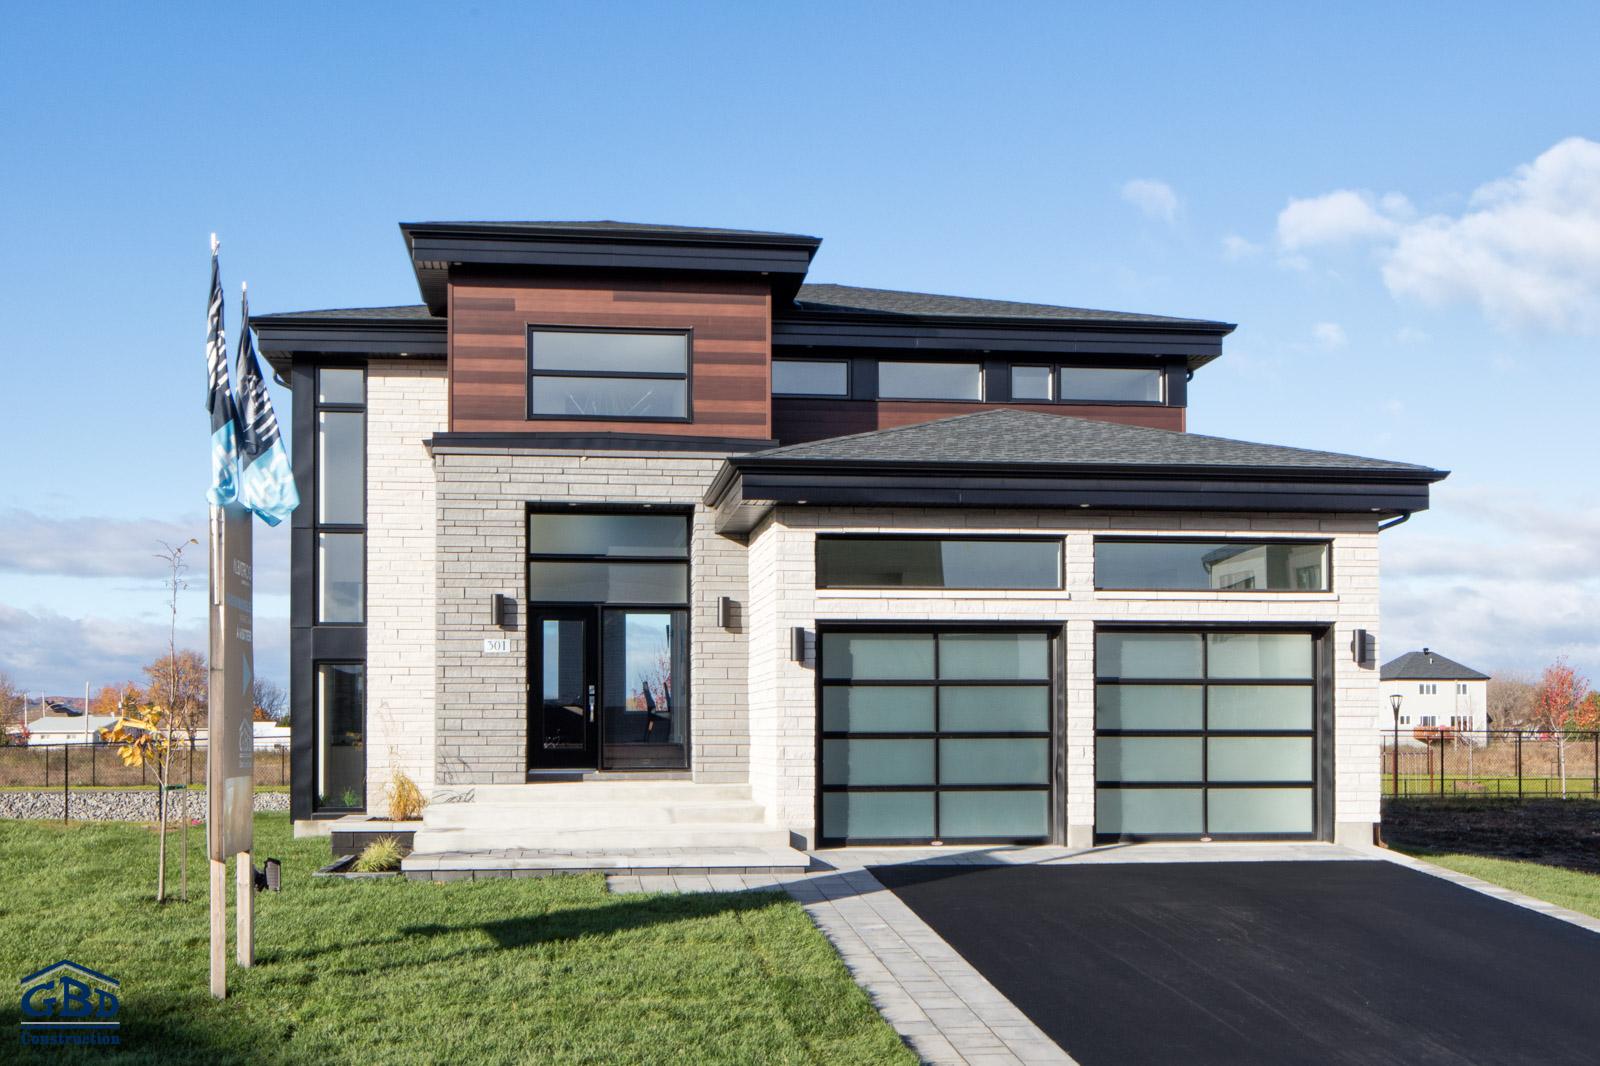 Maison neuve rive nord manhattan ext 04 for Construction maison neuve rive nord